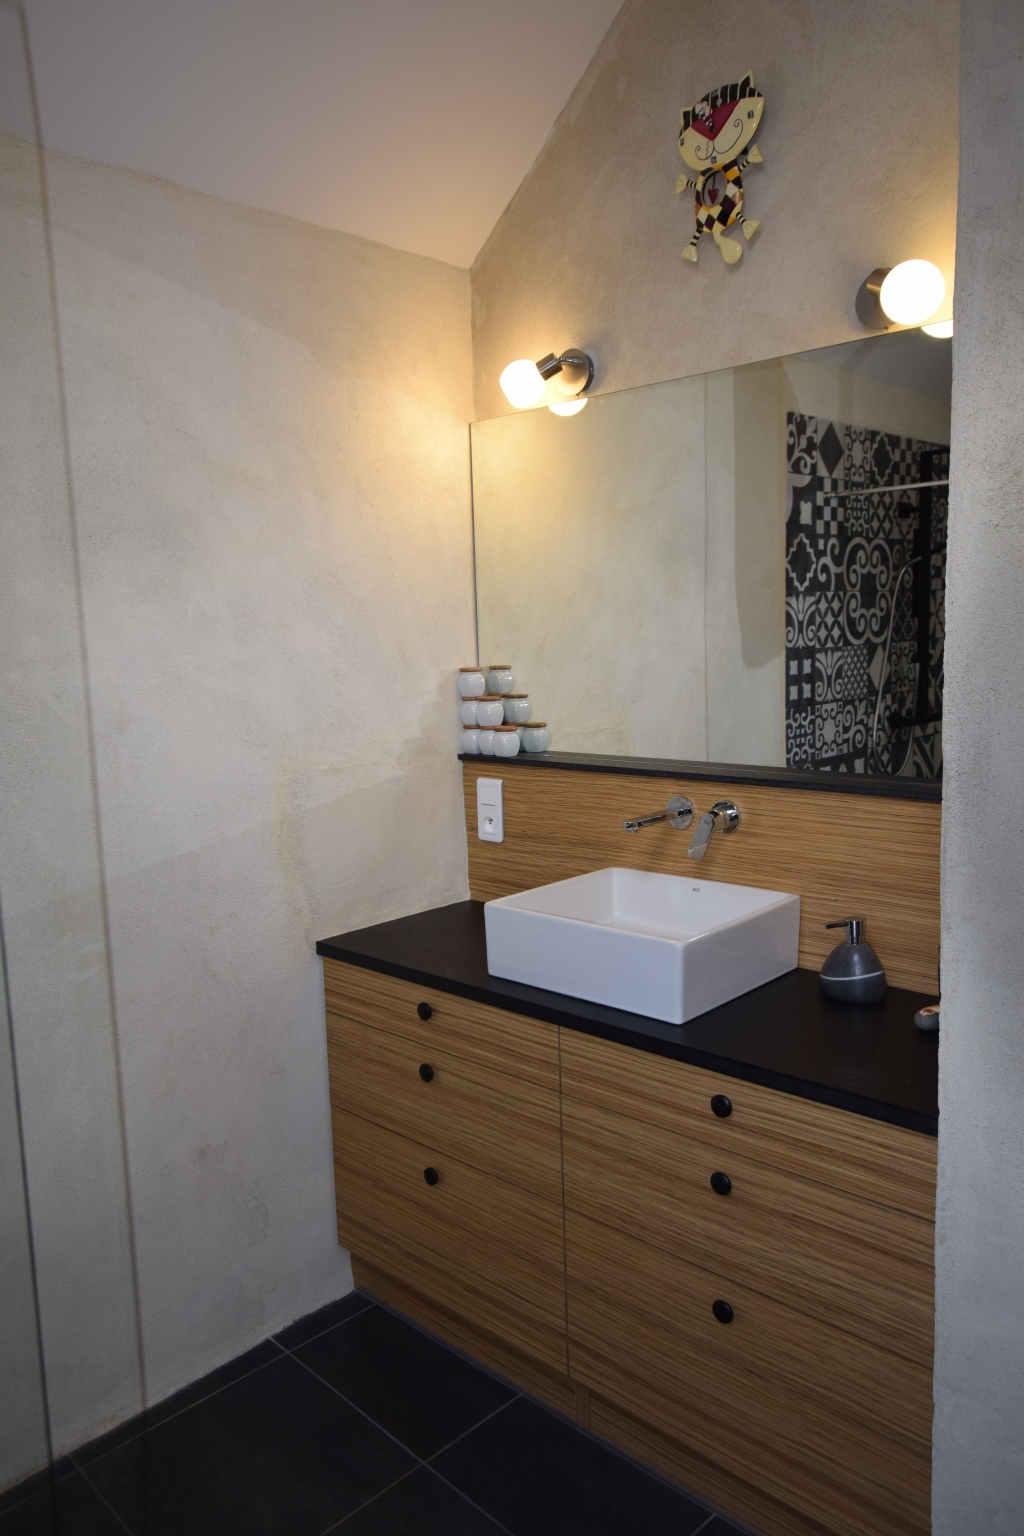 aménagement salle de bain à brest au-conquet plouzané le relecq-kerhuon plougastel guipavas saint-renan dans le finistère